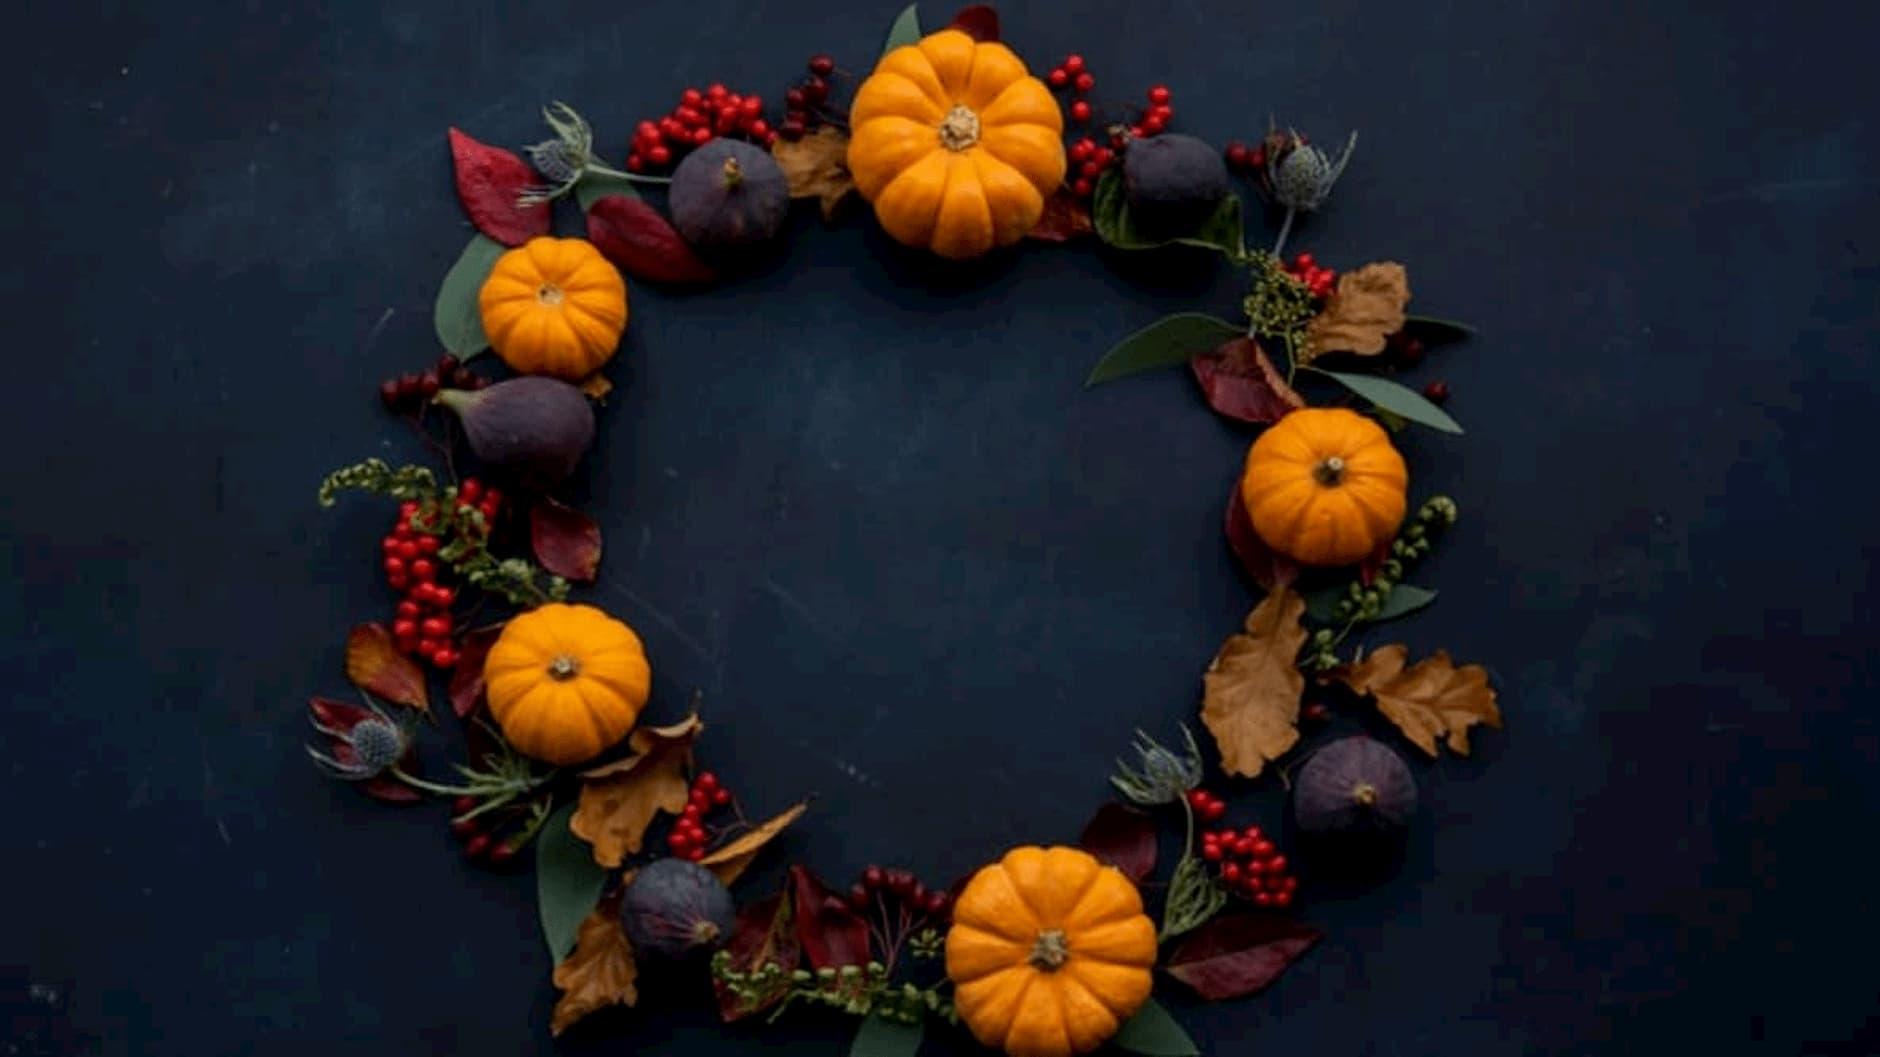 jesenne-dekoracie-veniec-na-dvere-z-tekviciek